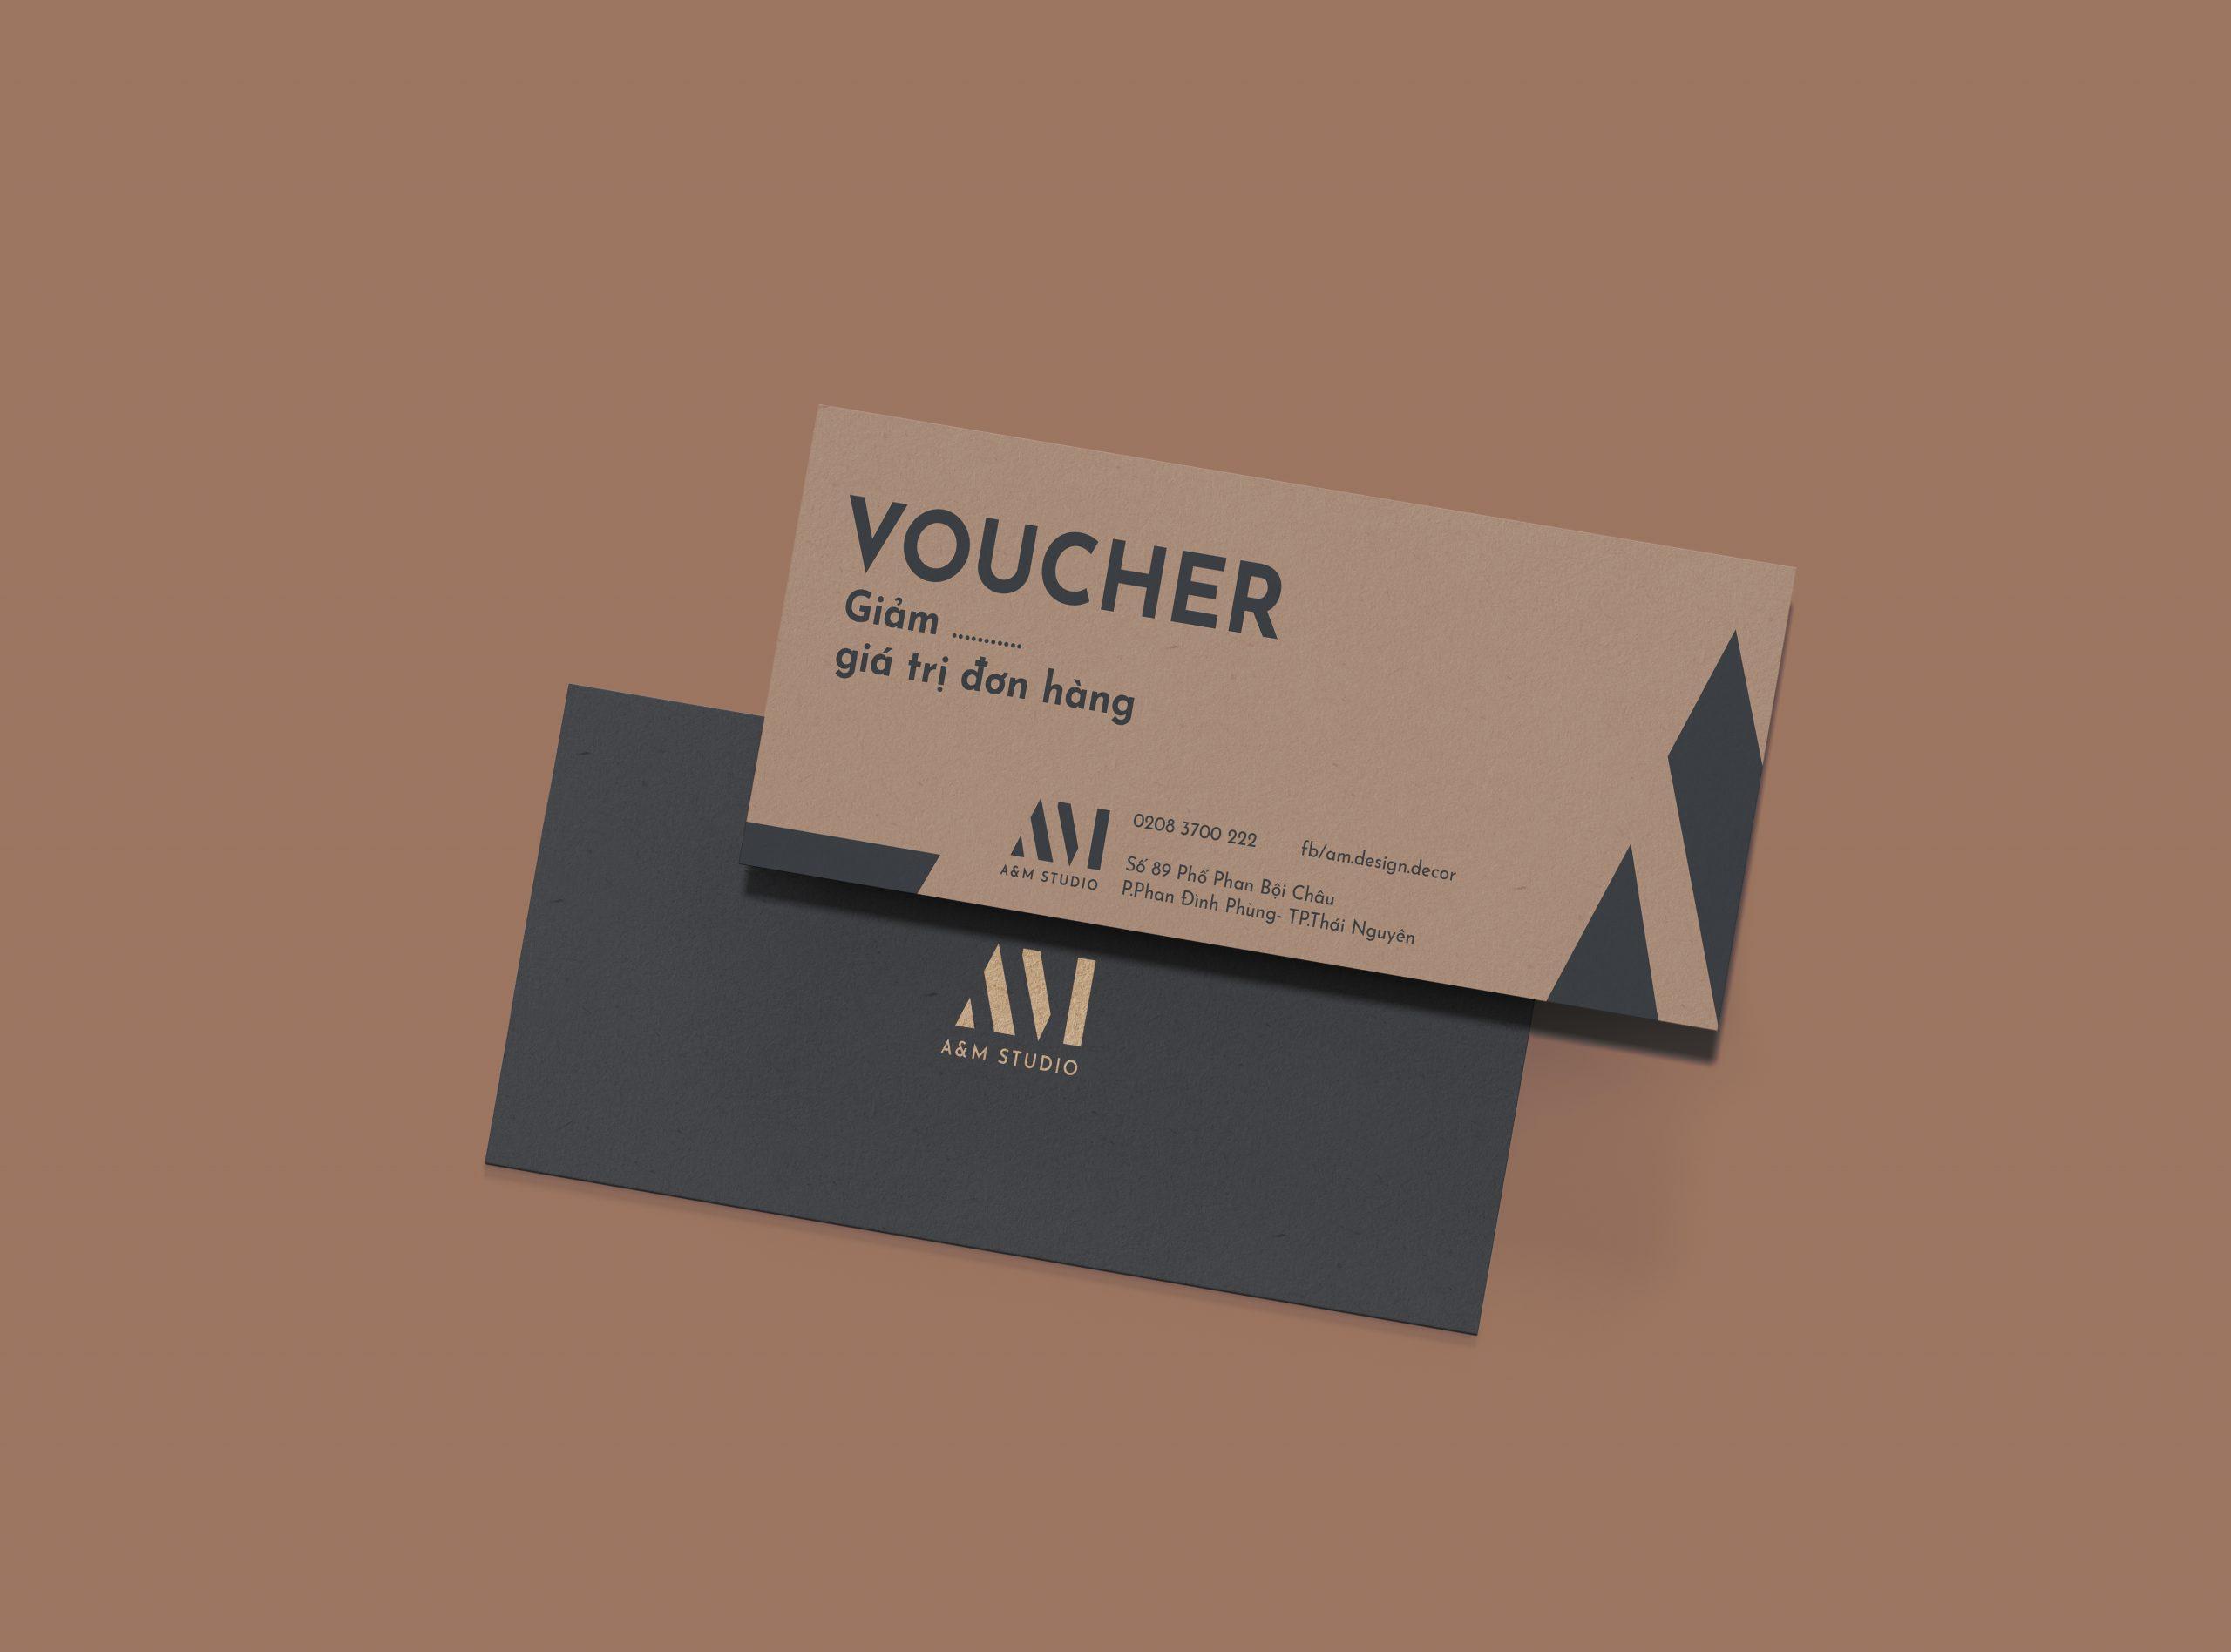 AM_Voucher